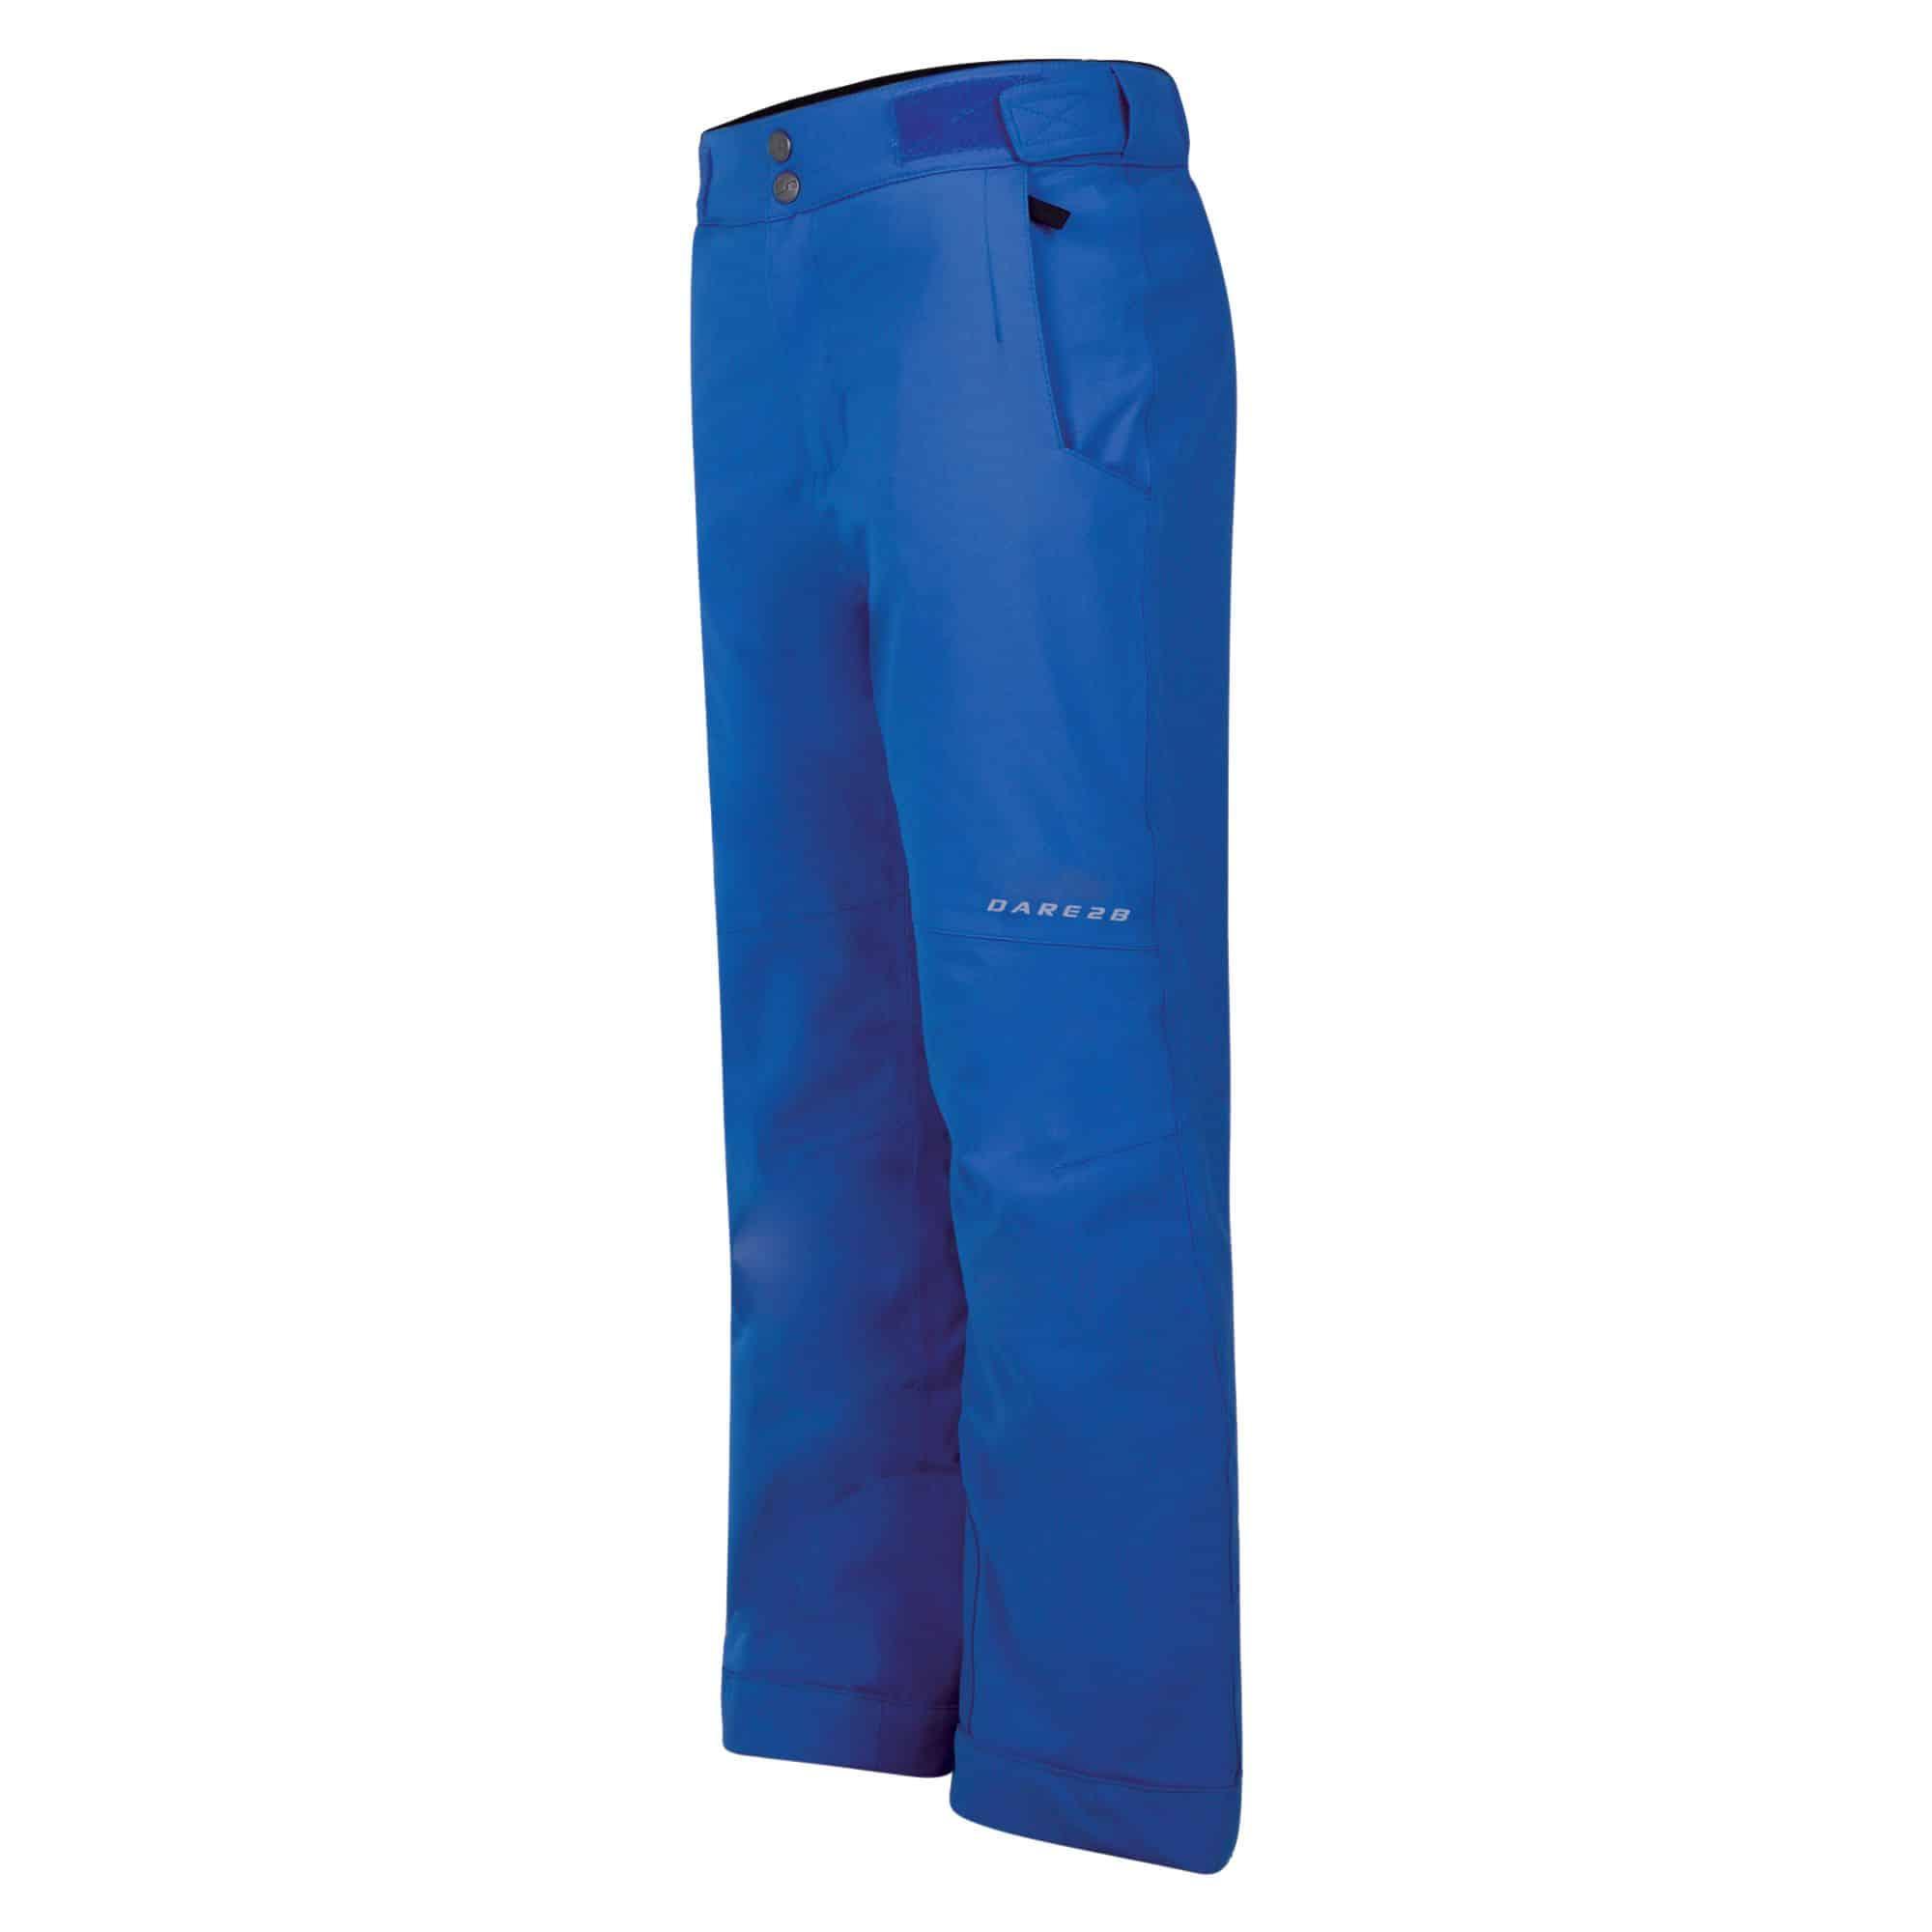 takeon oxford blue1